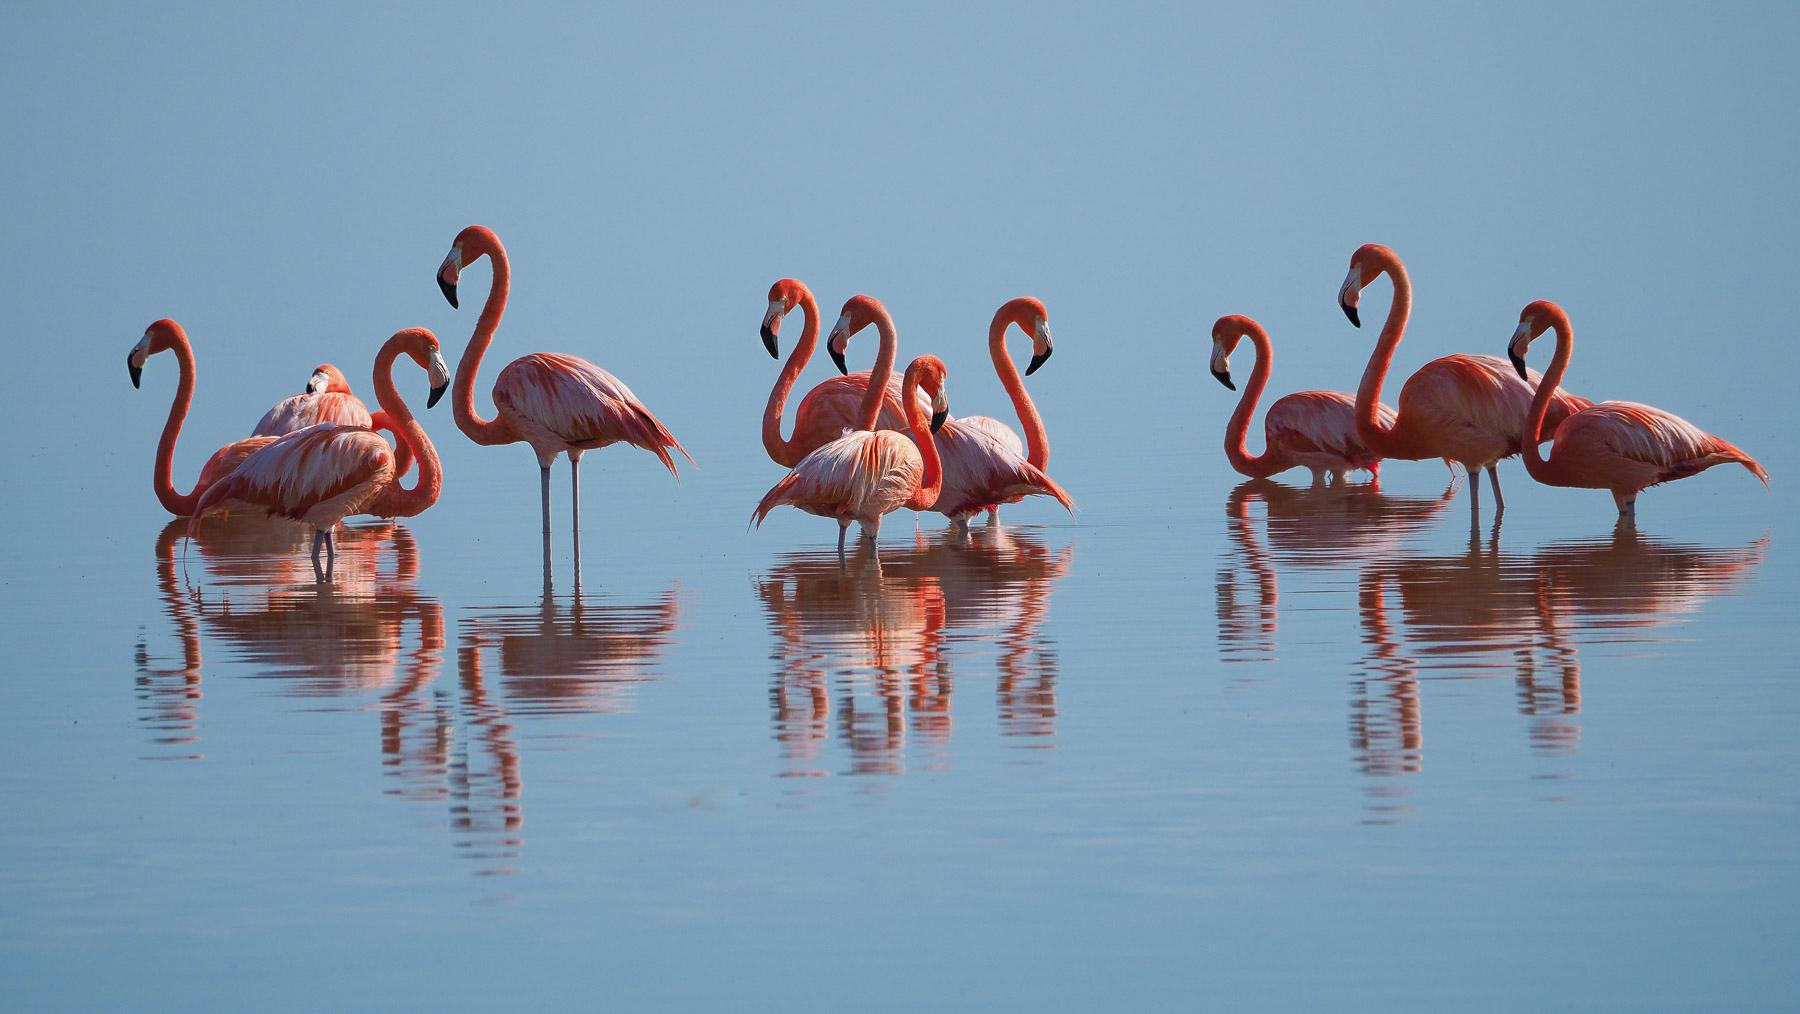 Wo normalerweise tausende Flamingos leben, sind leider nur im Moment nur wenige zu beobachten